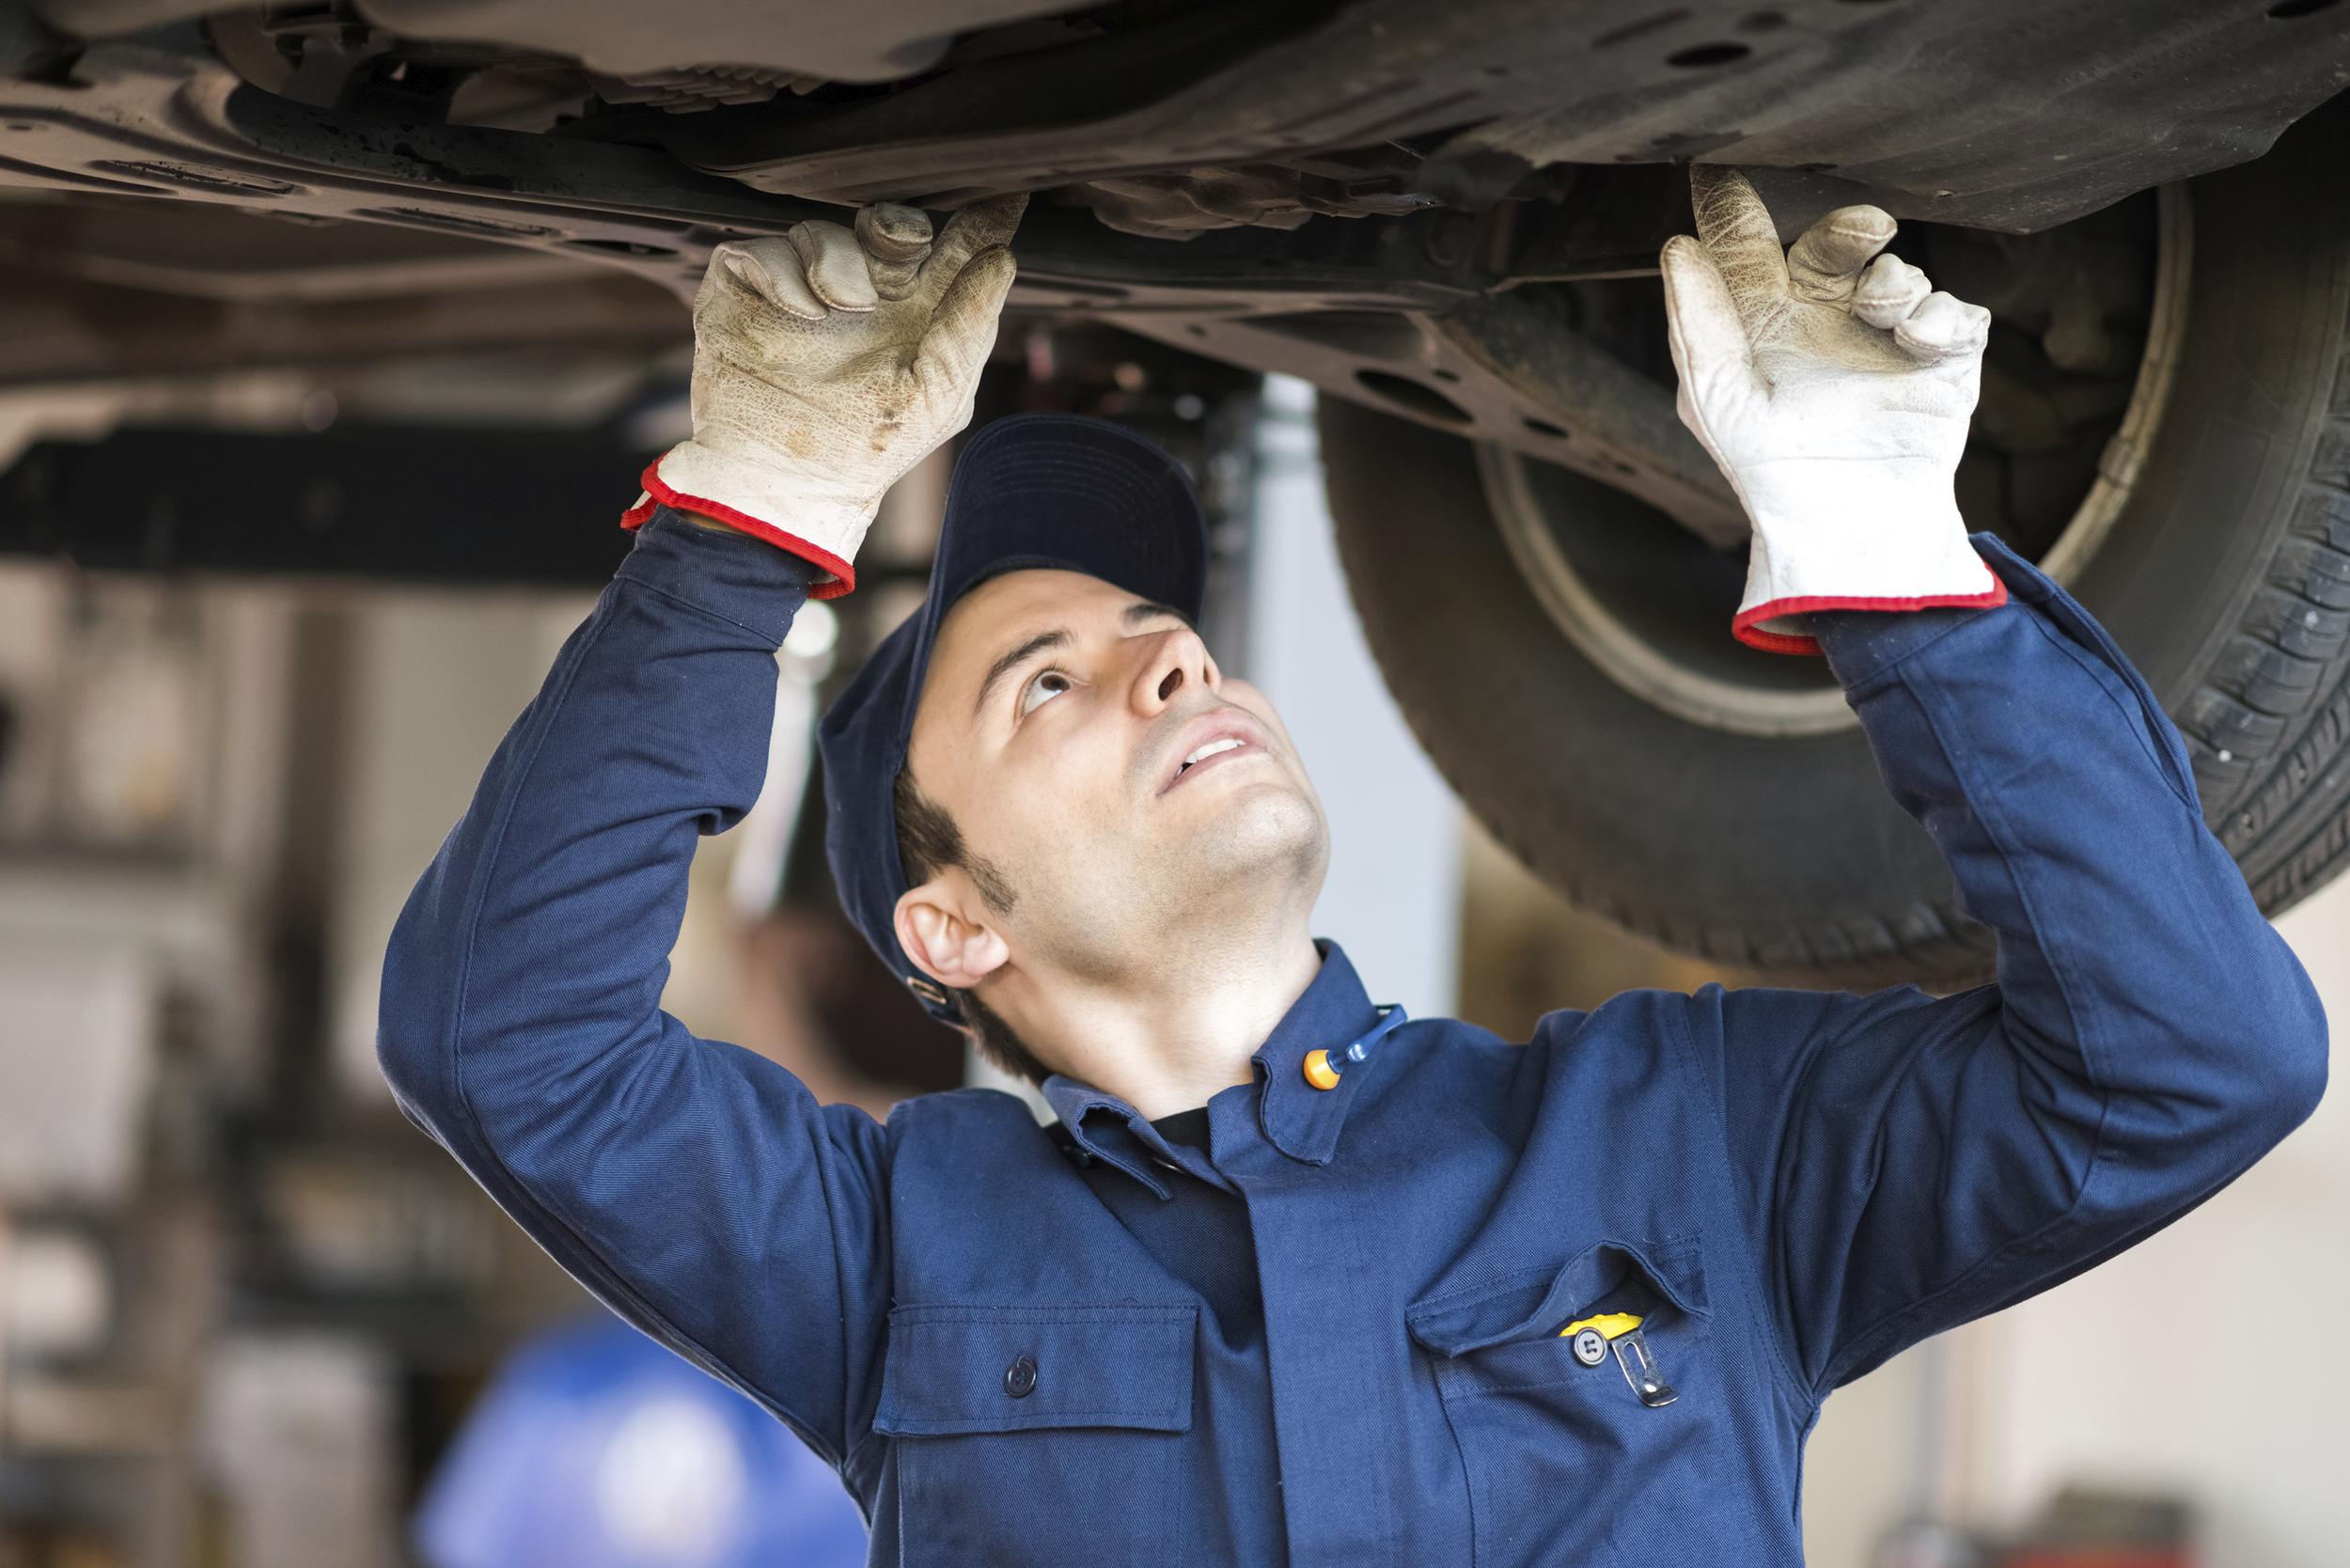 Young mechanic.jpg